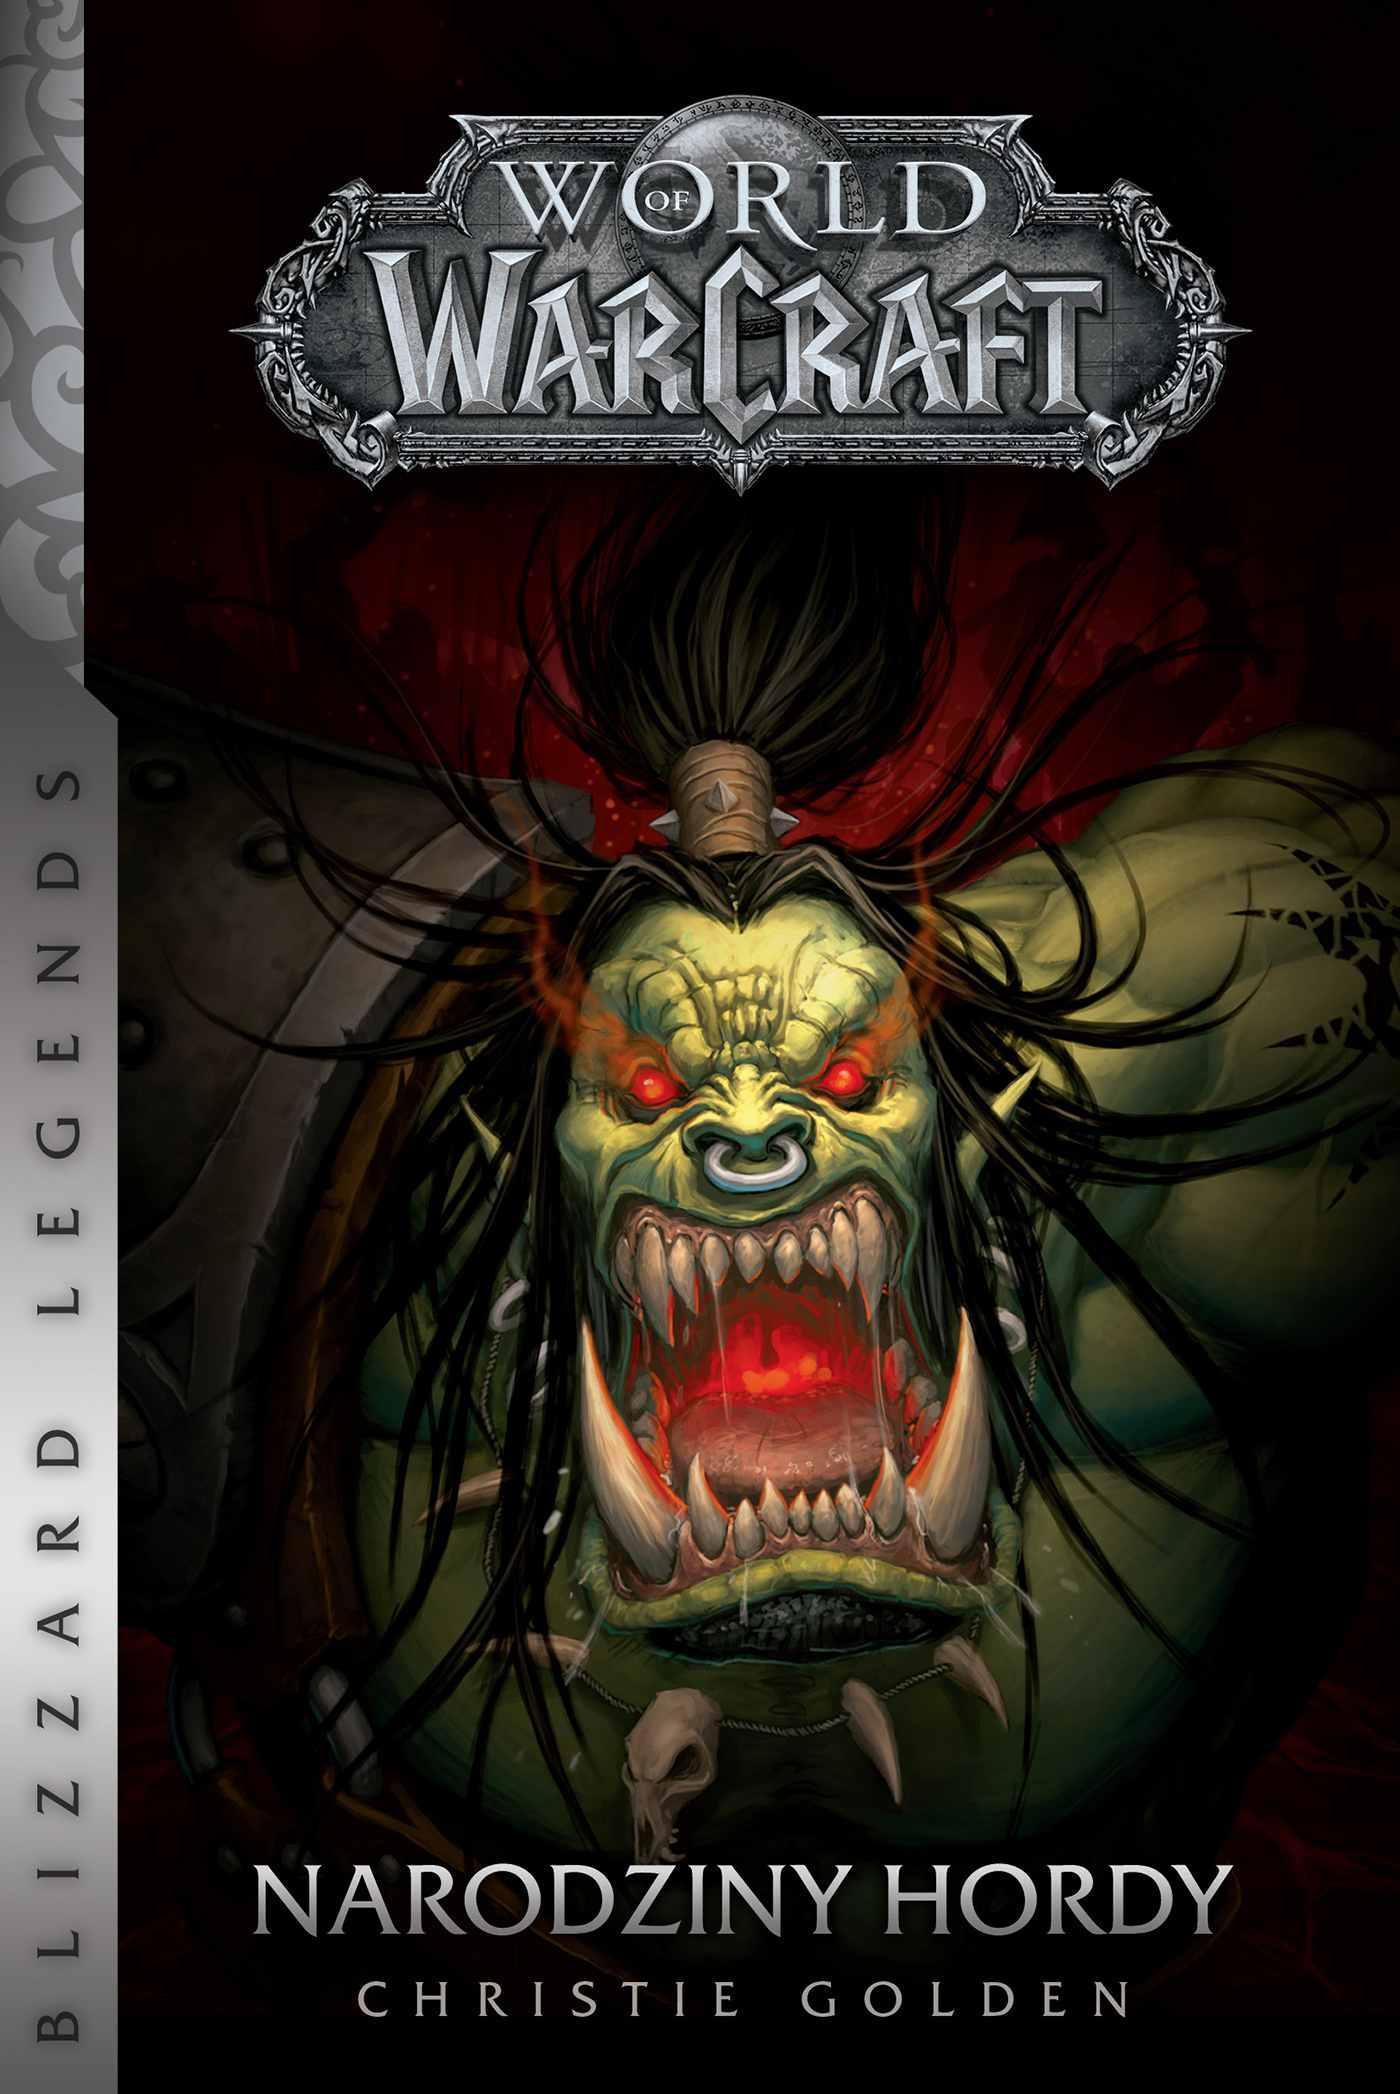 World of WarCraft: Narodziny hordy - Ebook (Książka EPUB) do pobrania w formacie EPUB